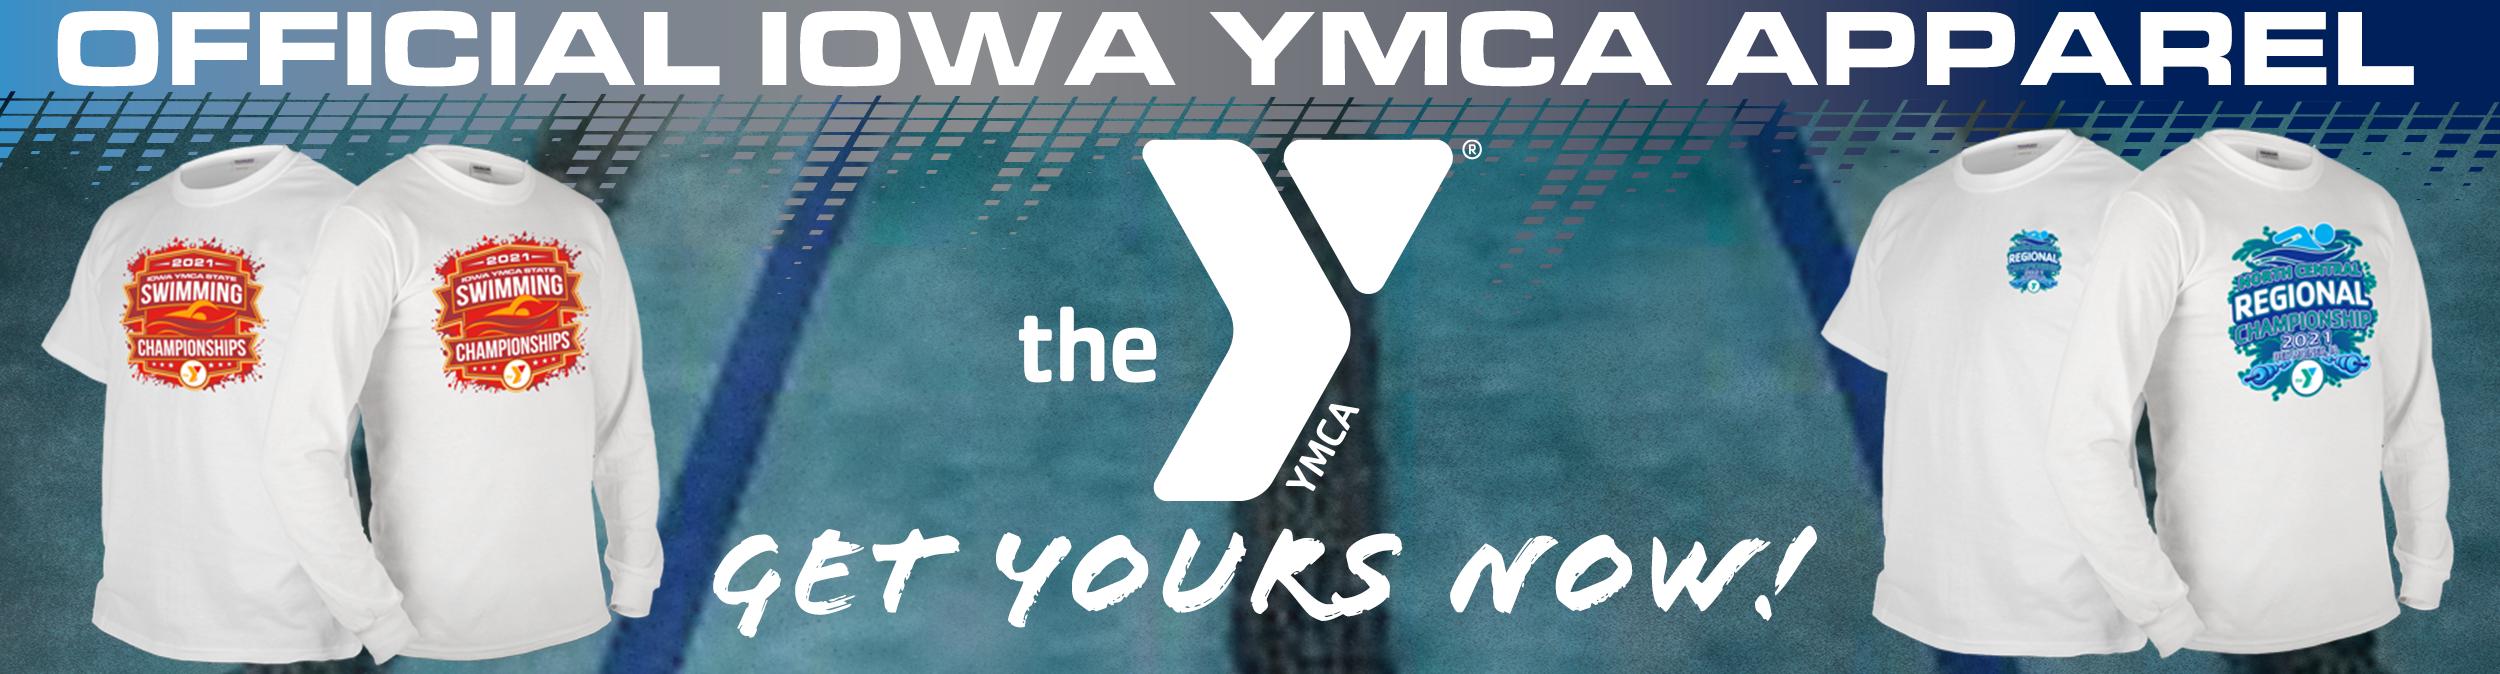 Iowa YMCA Swimming